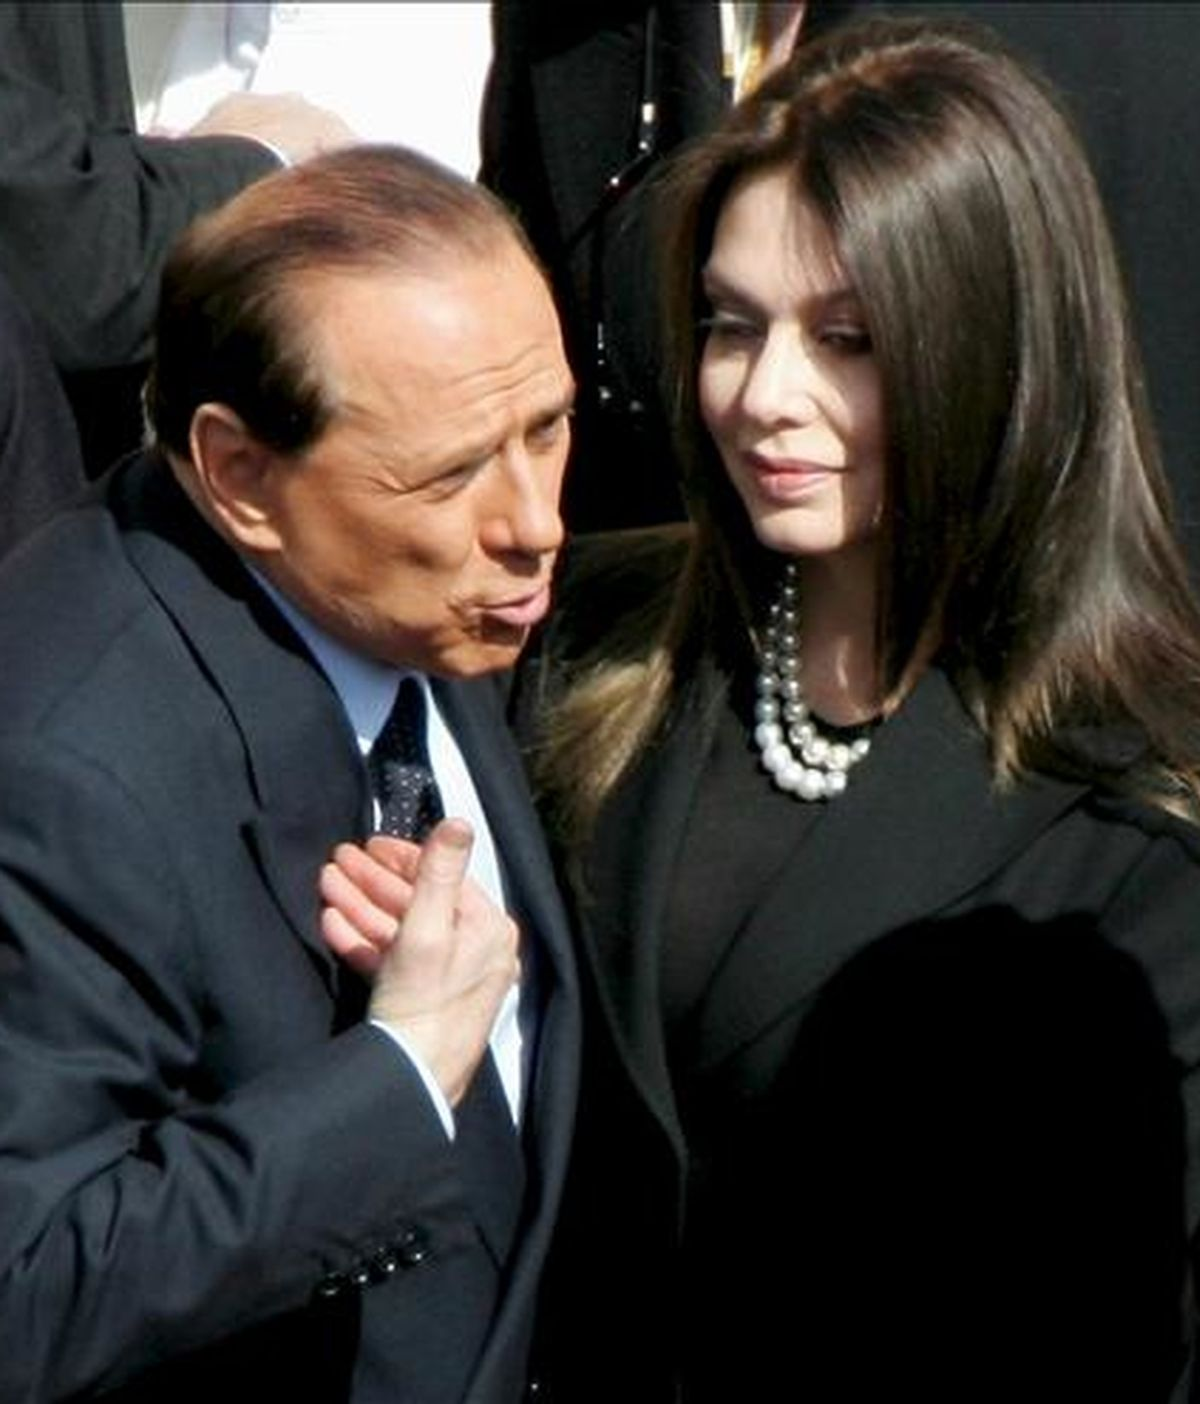 Imagen de archivo fechada el 24 de mayo de 2005 en la que aparece el ex primer ministro italiano Silvio Berlusconi con su esposa Veronica Lario en la plaza de San Pedro en Ciudad del Vaticano. EFE/Archivo